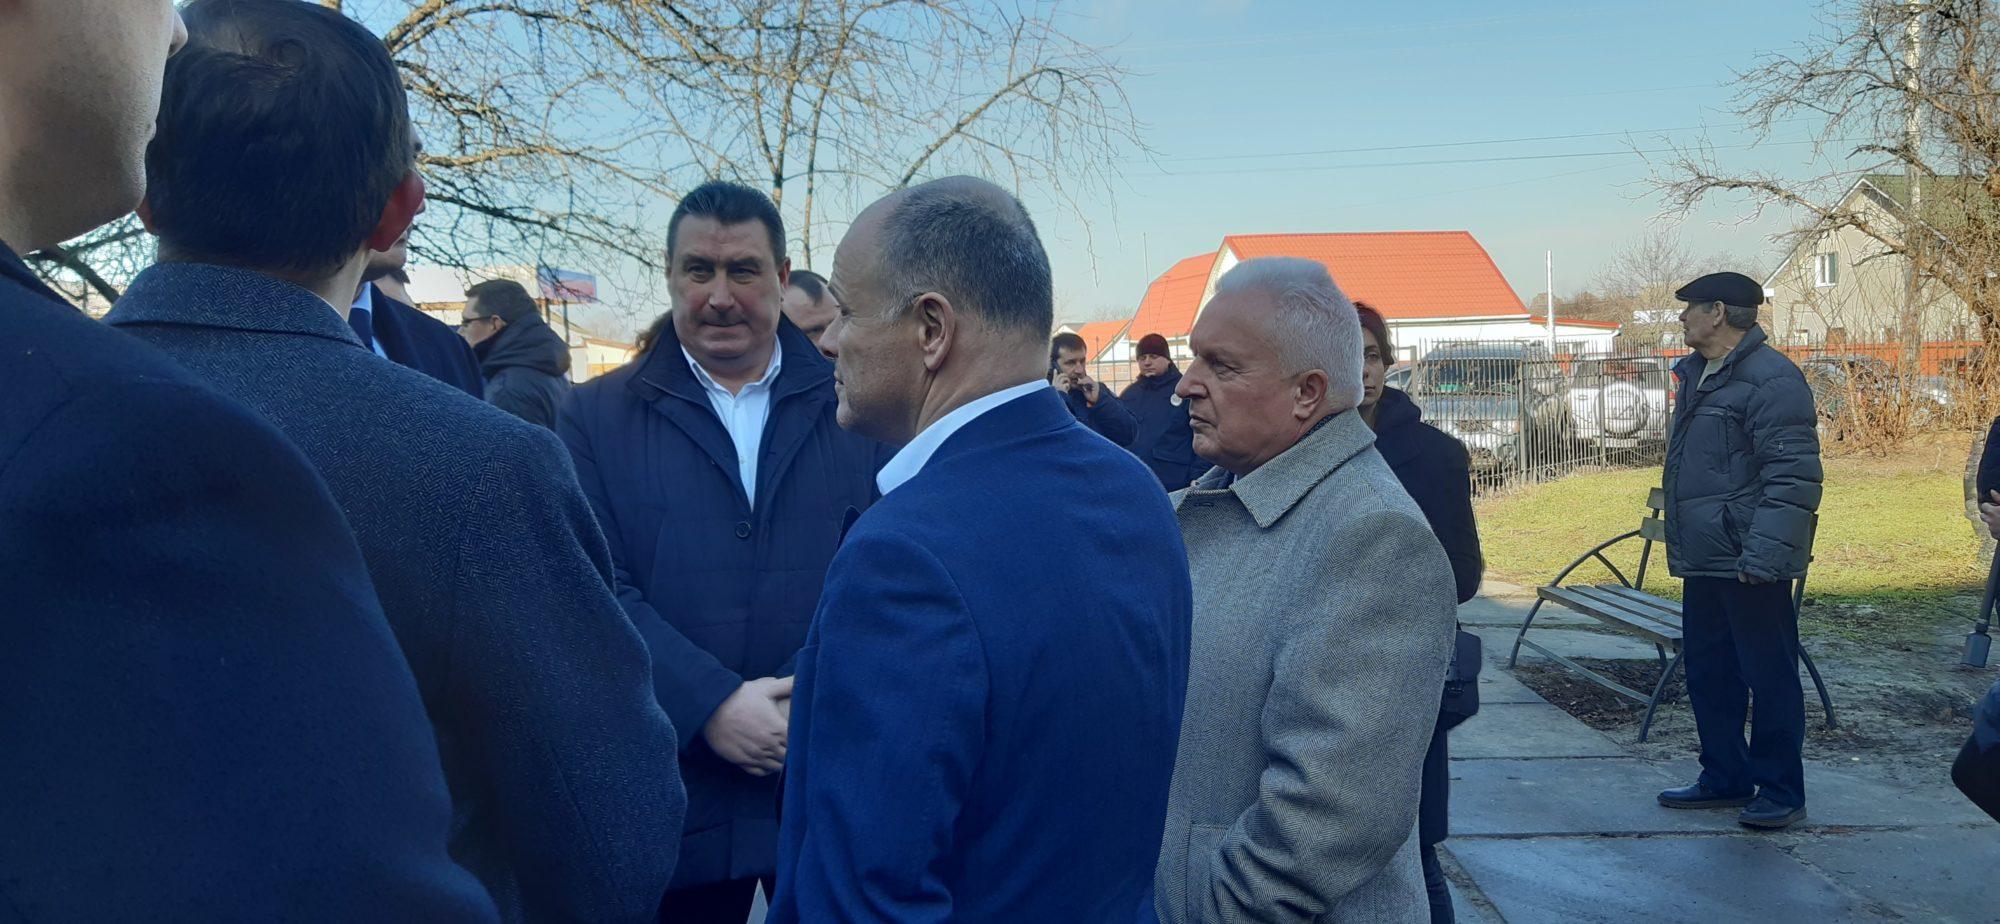 20200219_104027-2000x924 Чому президент Зеленський приїжджав в Бориспіль